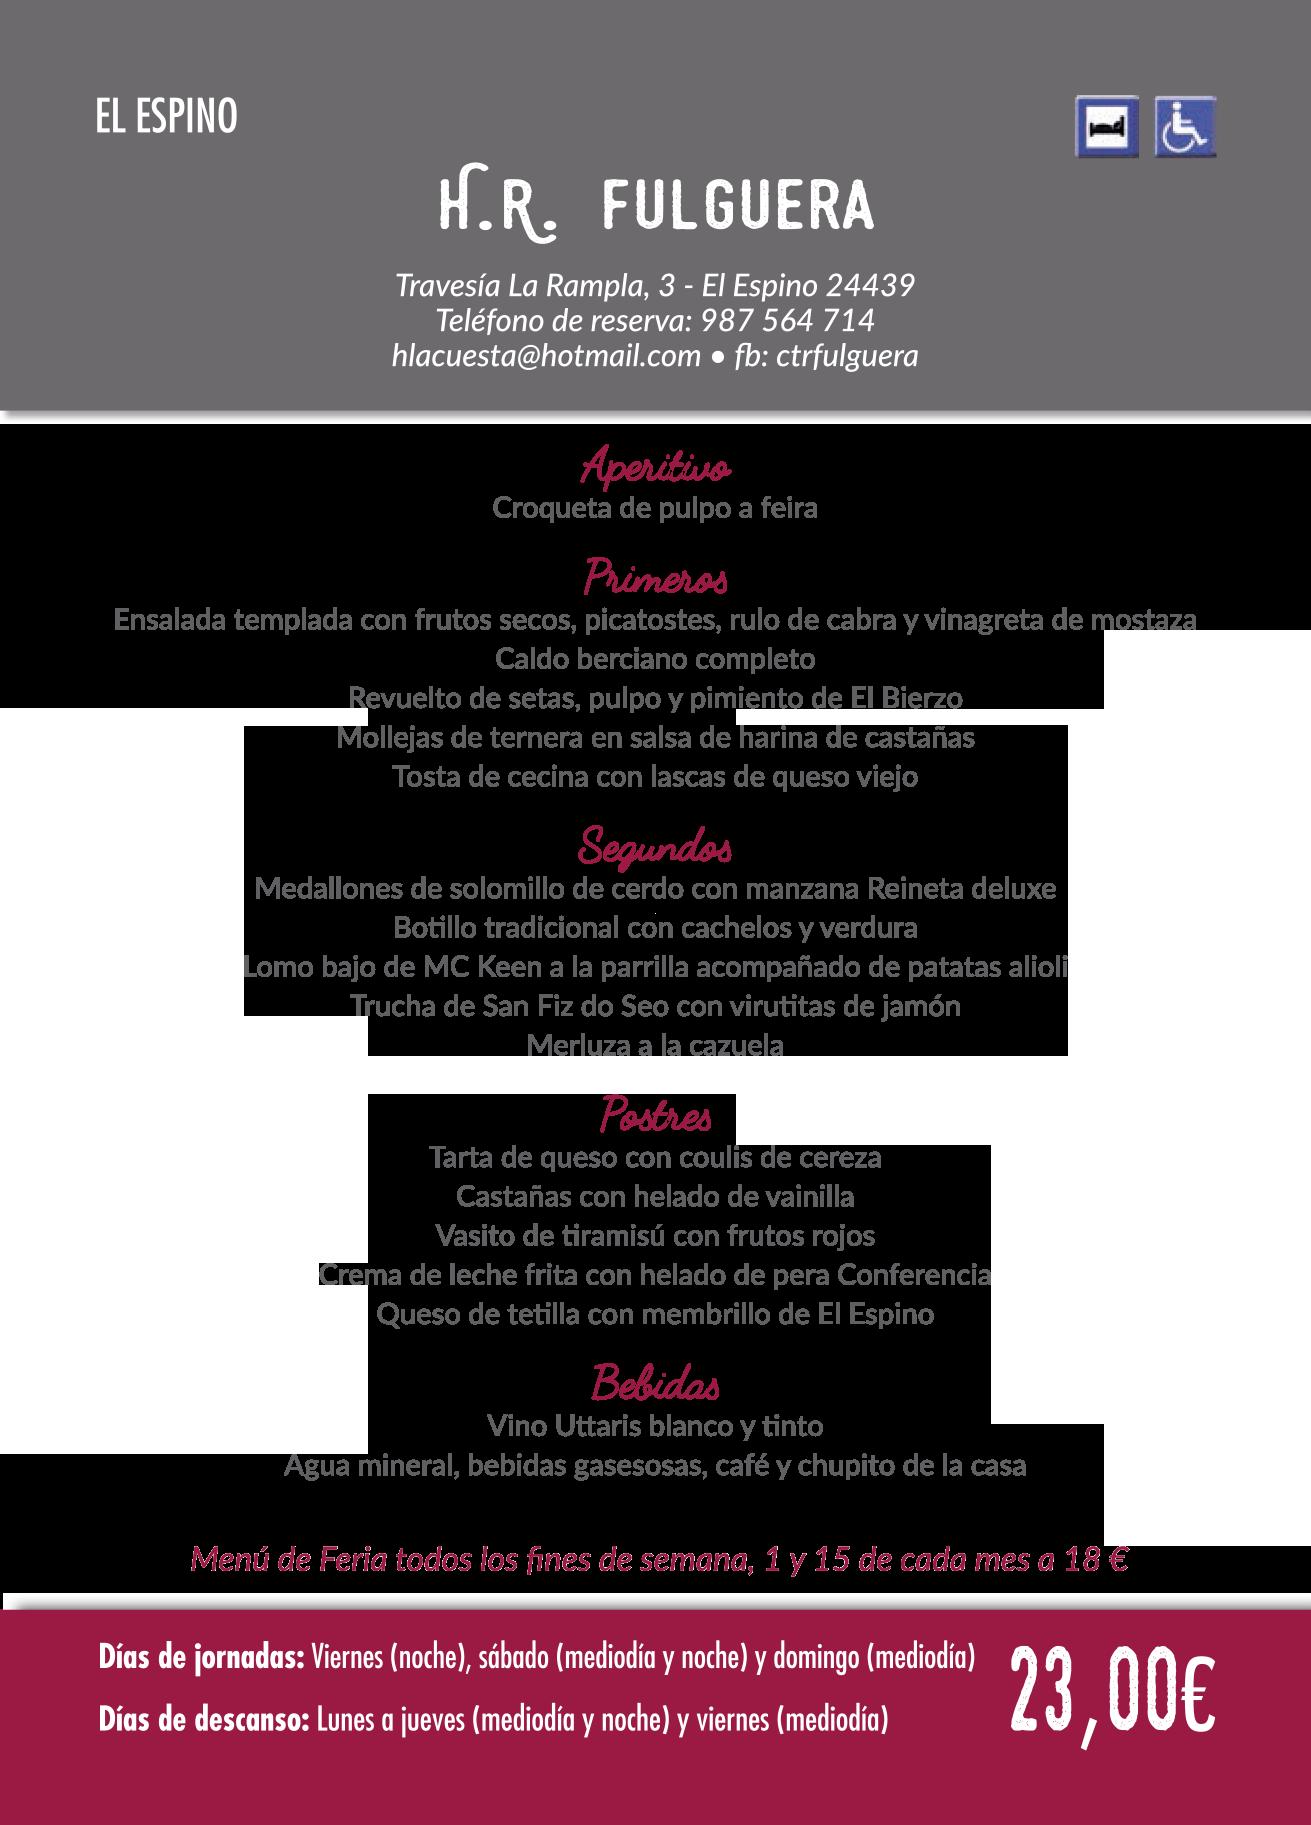 Las Jornadas Gastronómicas del Bierzo llegan a su 35 edición. Consulta los menús de esta edición 34